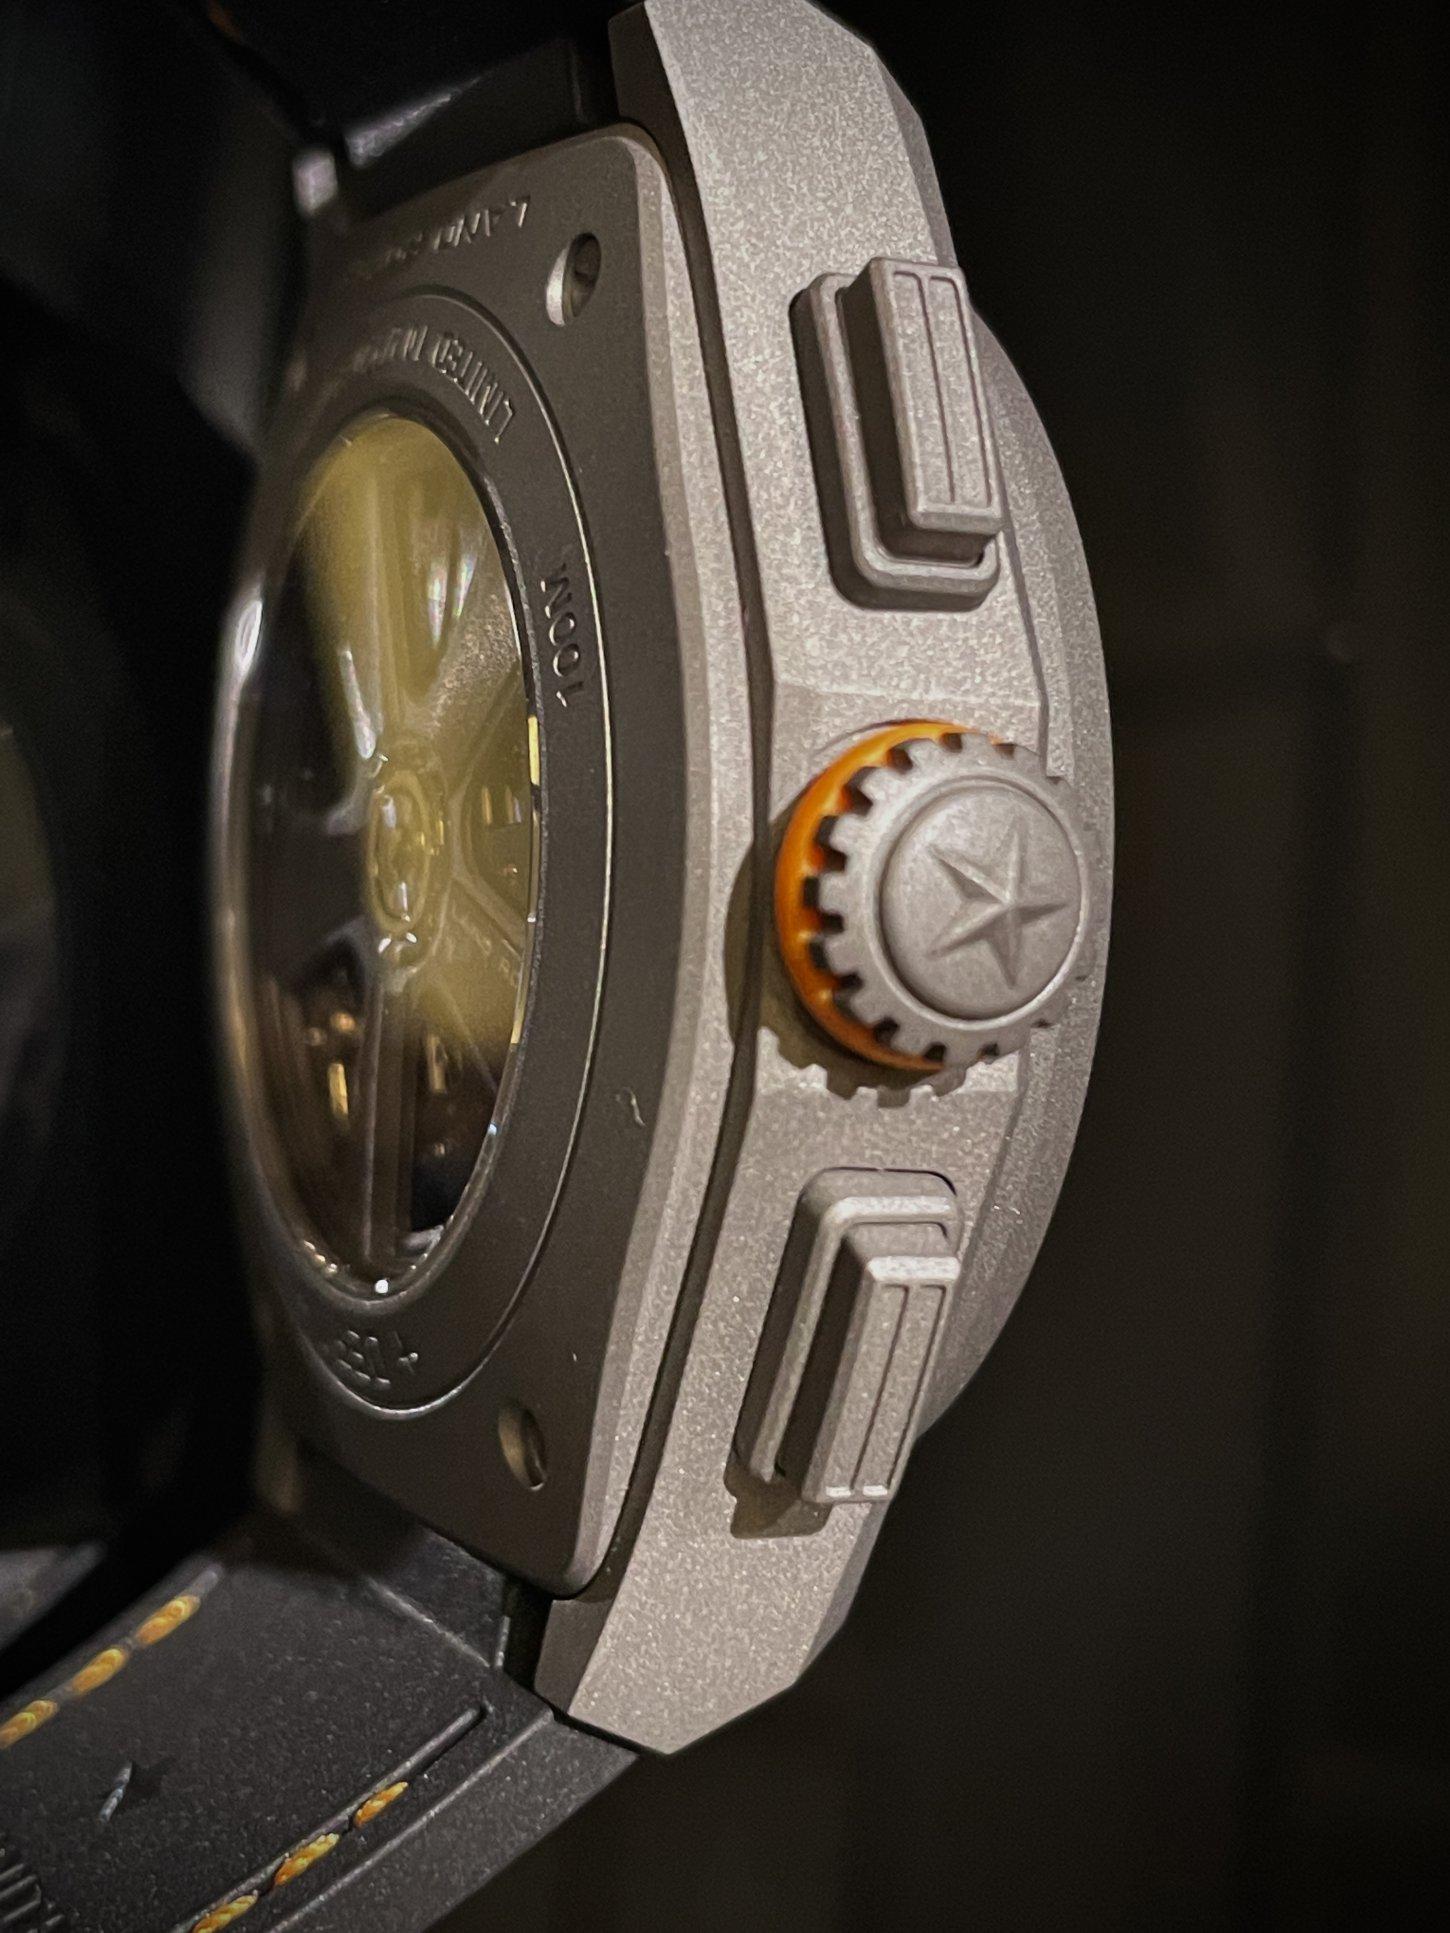 往時のディフェンダーを彷彿とさせるルックス!!『デファイ エル・プリメロ 21 ランドローバー エディション』 - DEFY |EF767AD0-C26E-4A4B-971E-F90244A3470E